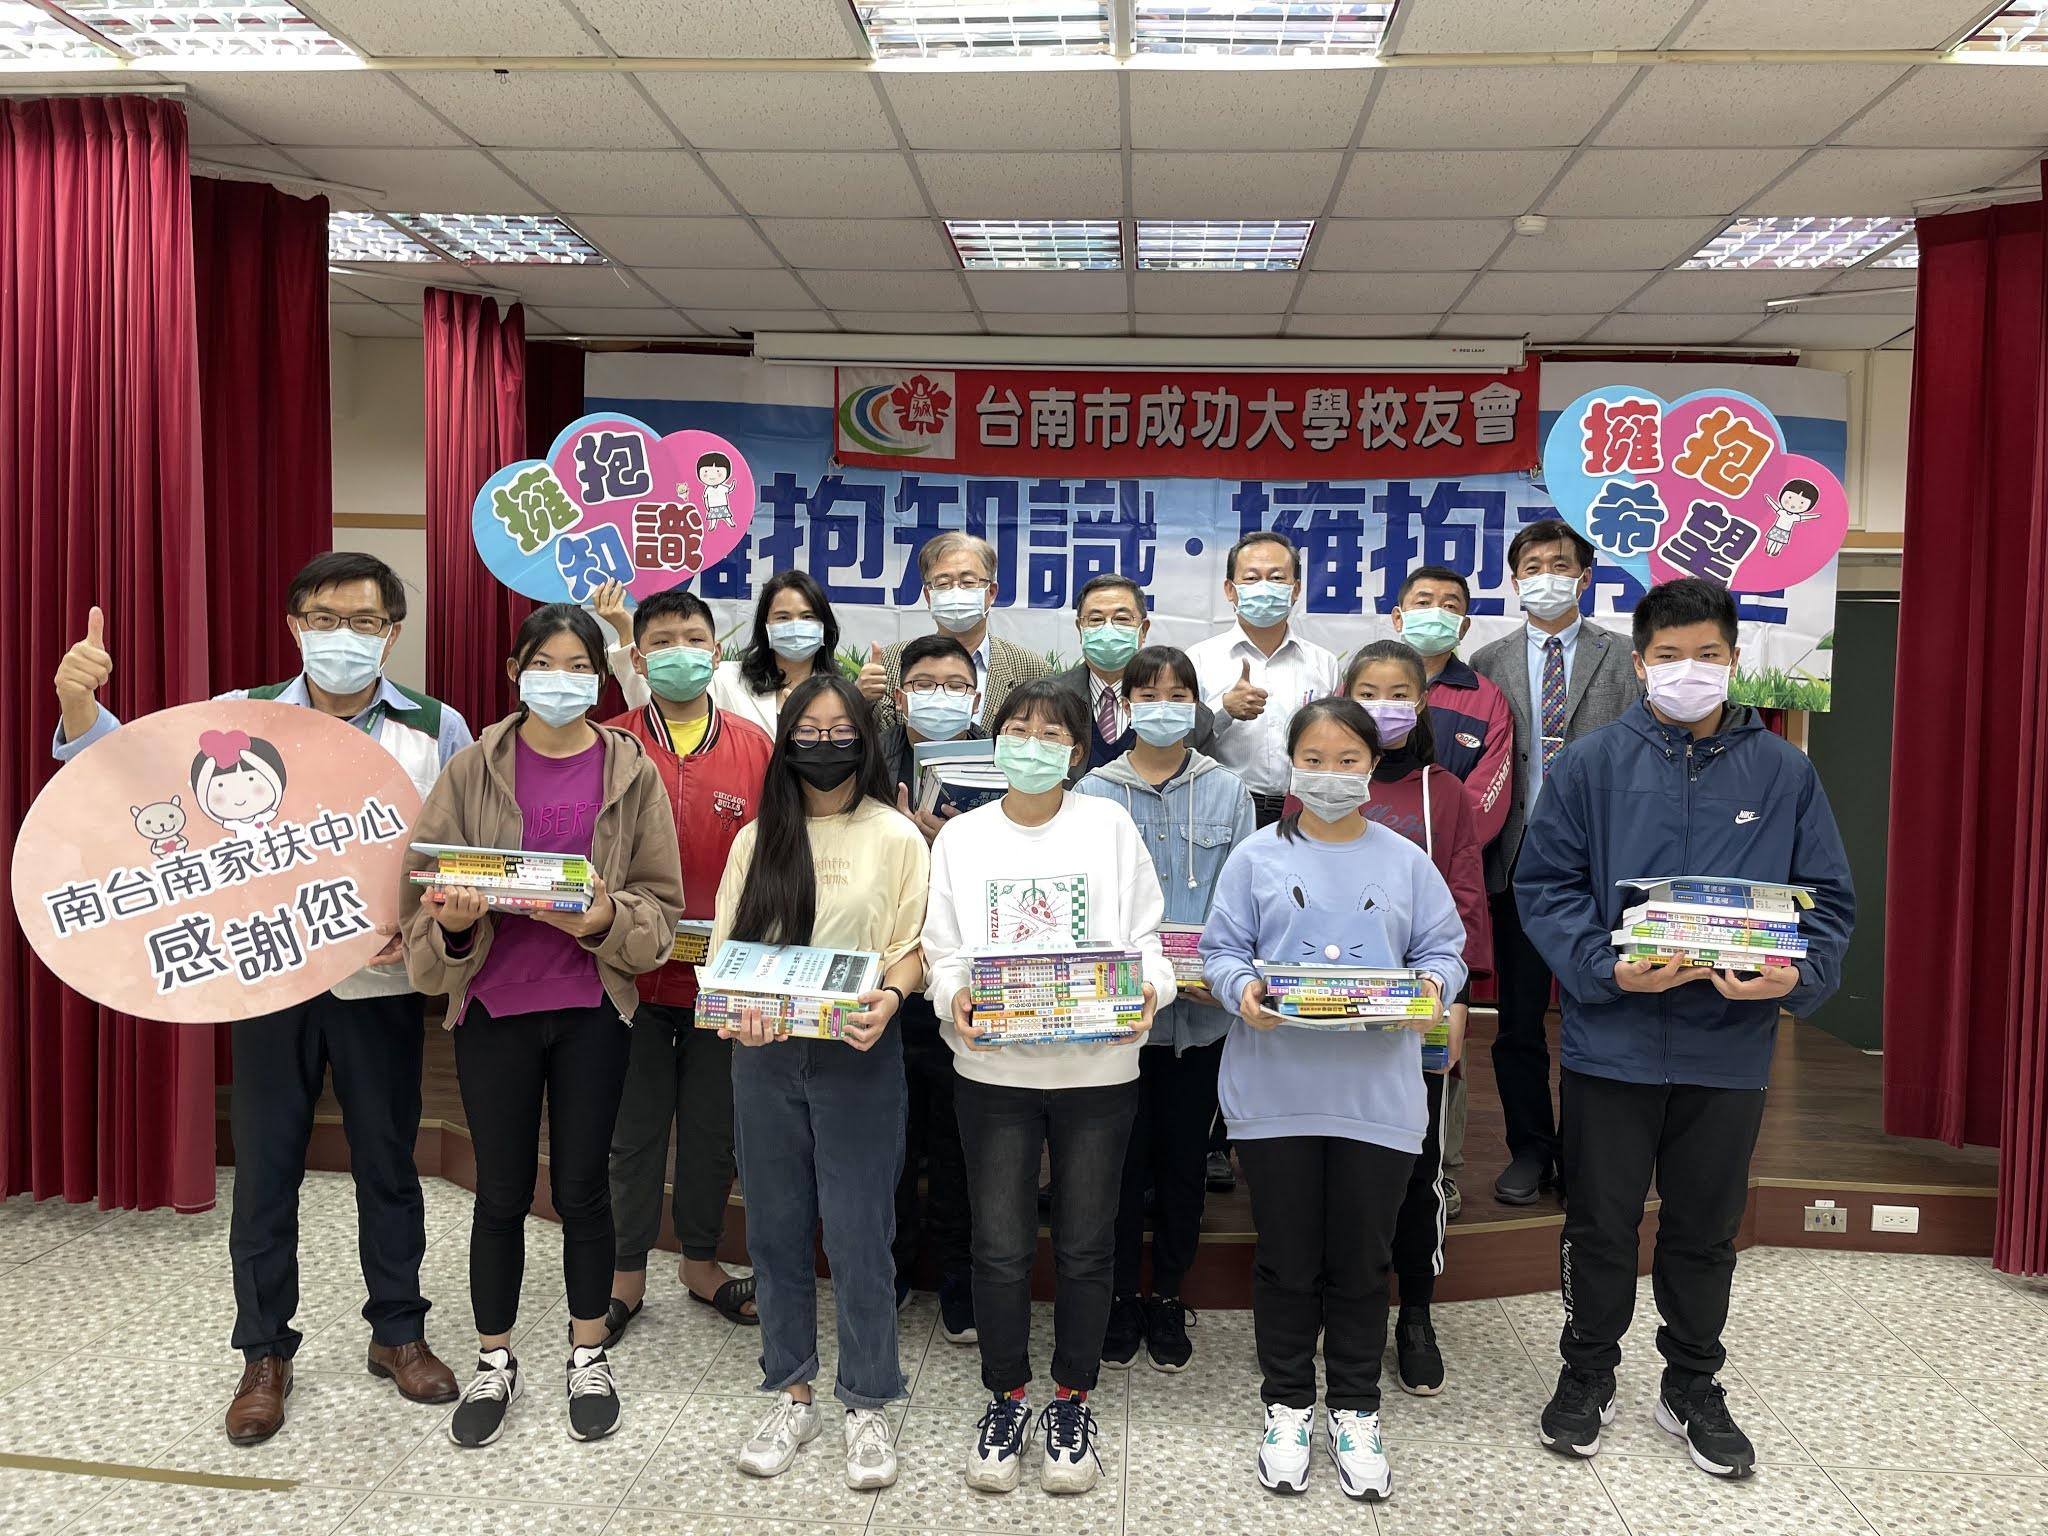 美美動傳媒: 臺南市成大校友會「照亮家扶兒~擁抱知識‧擁抱希望」 第3次贈書見面會